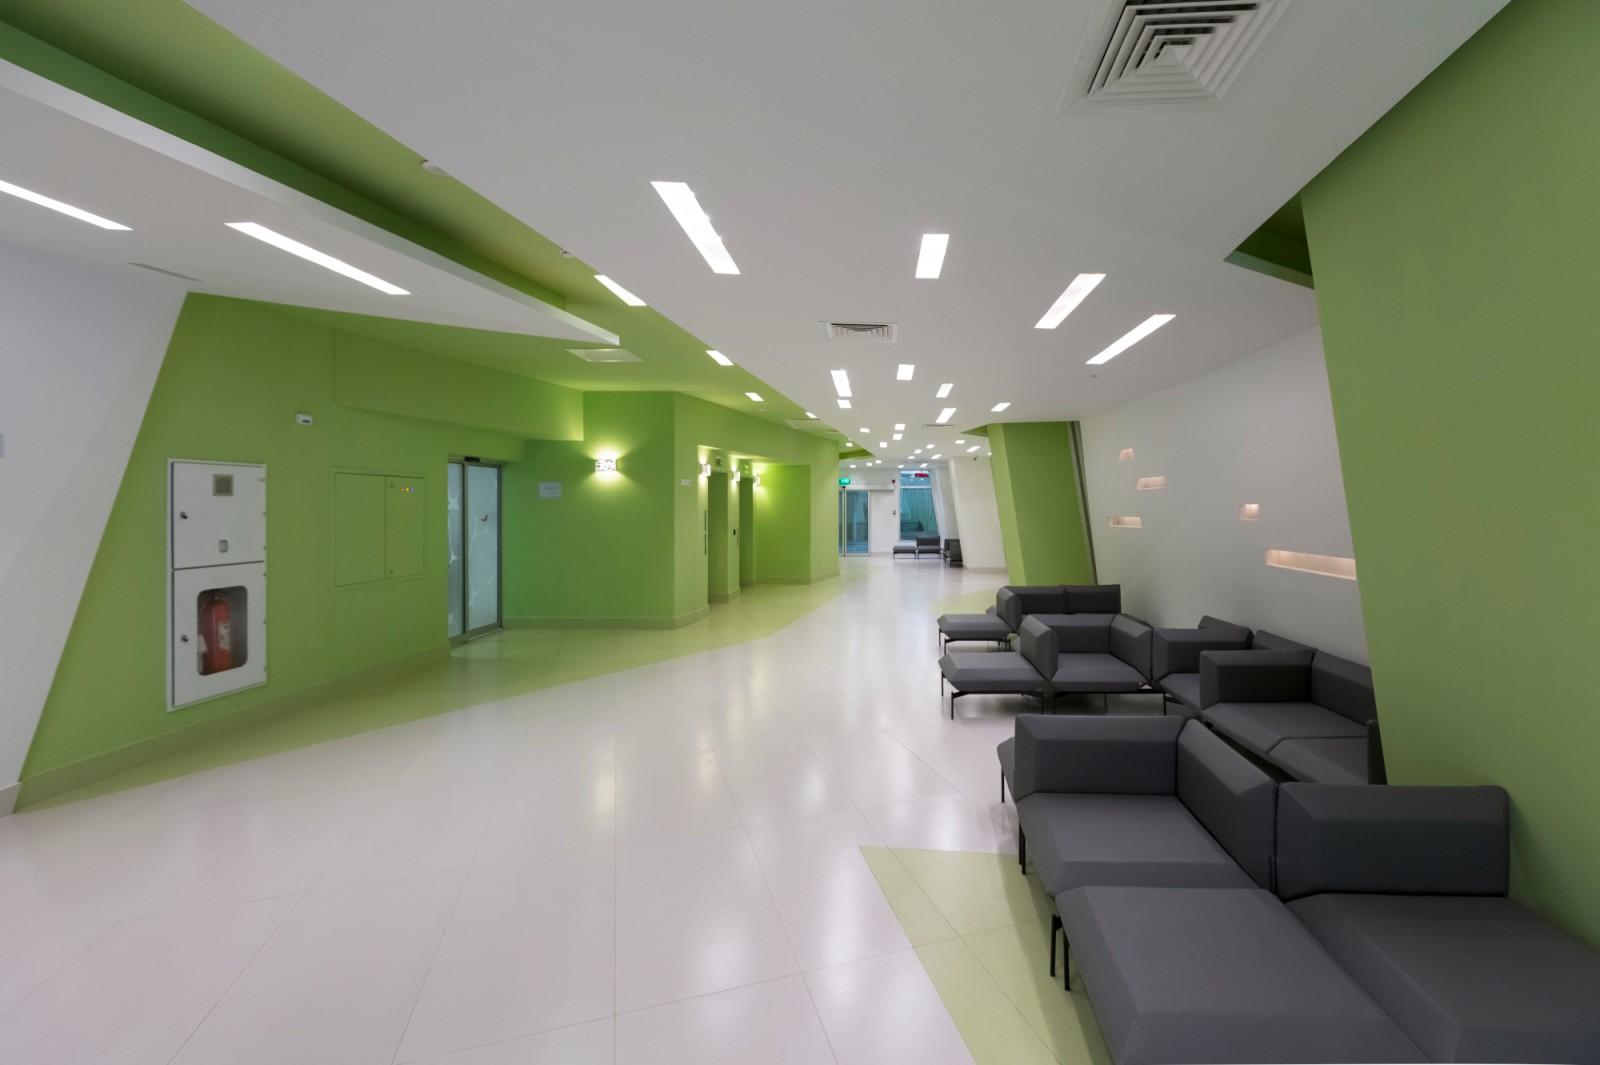 Pars Hospital - Interior - modlar.com